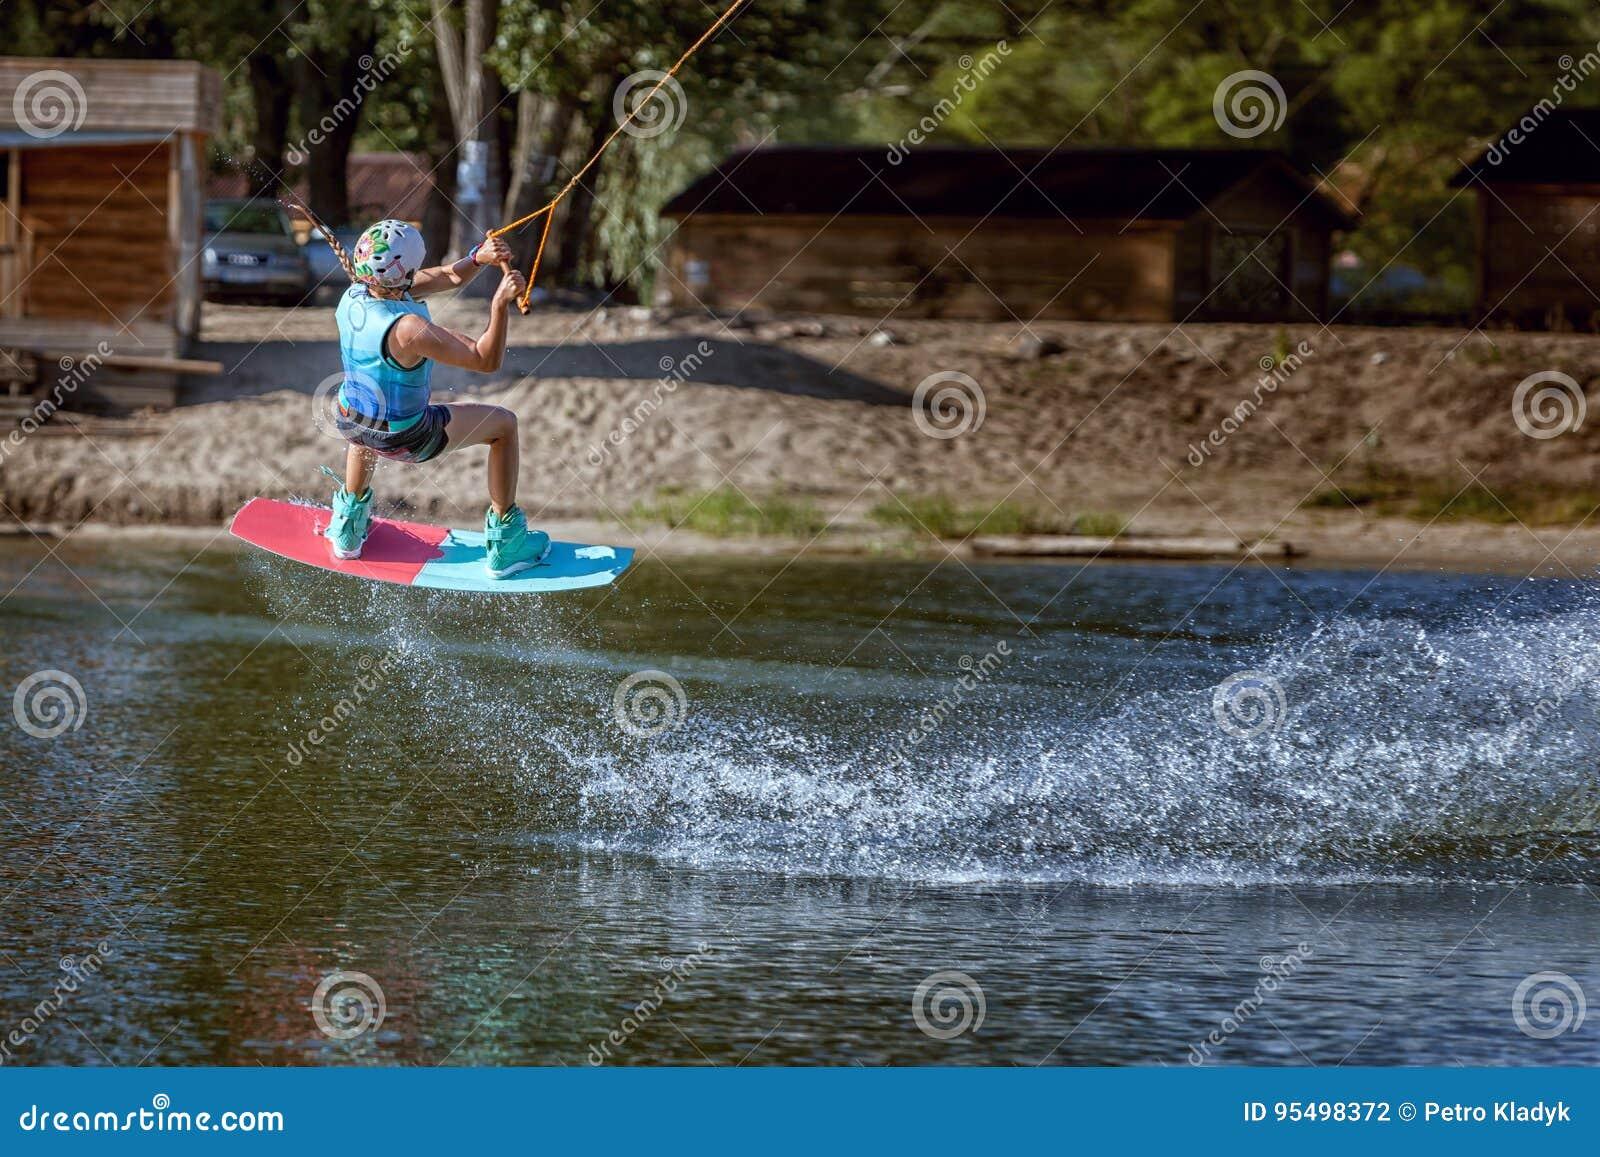 Springen Sie über das Wasser auf einem wakeboard